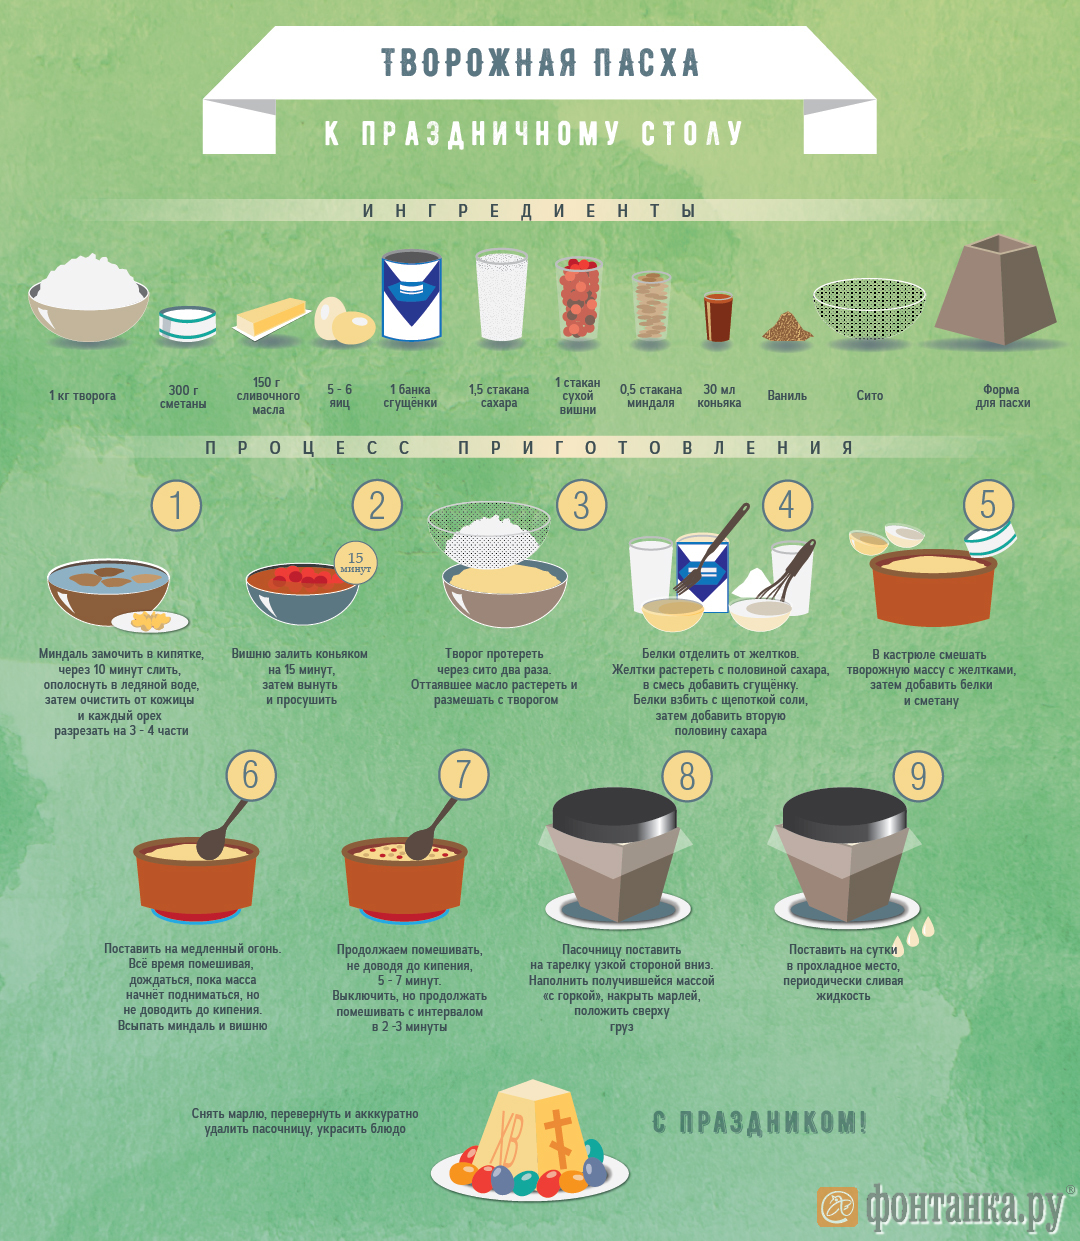 Простые рецепты к пасхальному столу. Инфографика (Иллюстрация 1 из 3) (Фото: